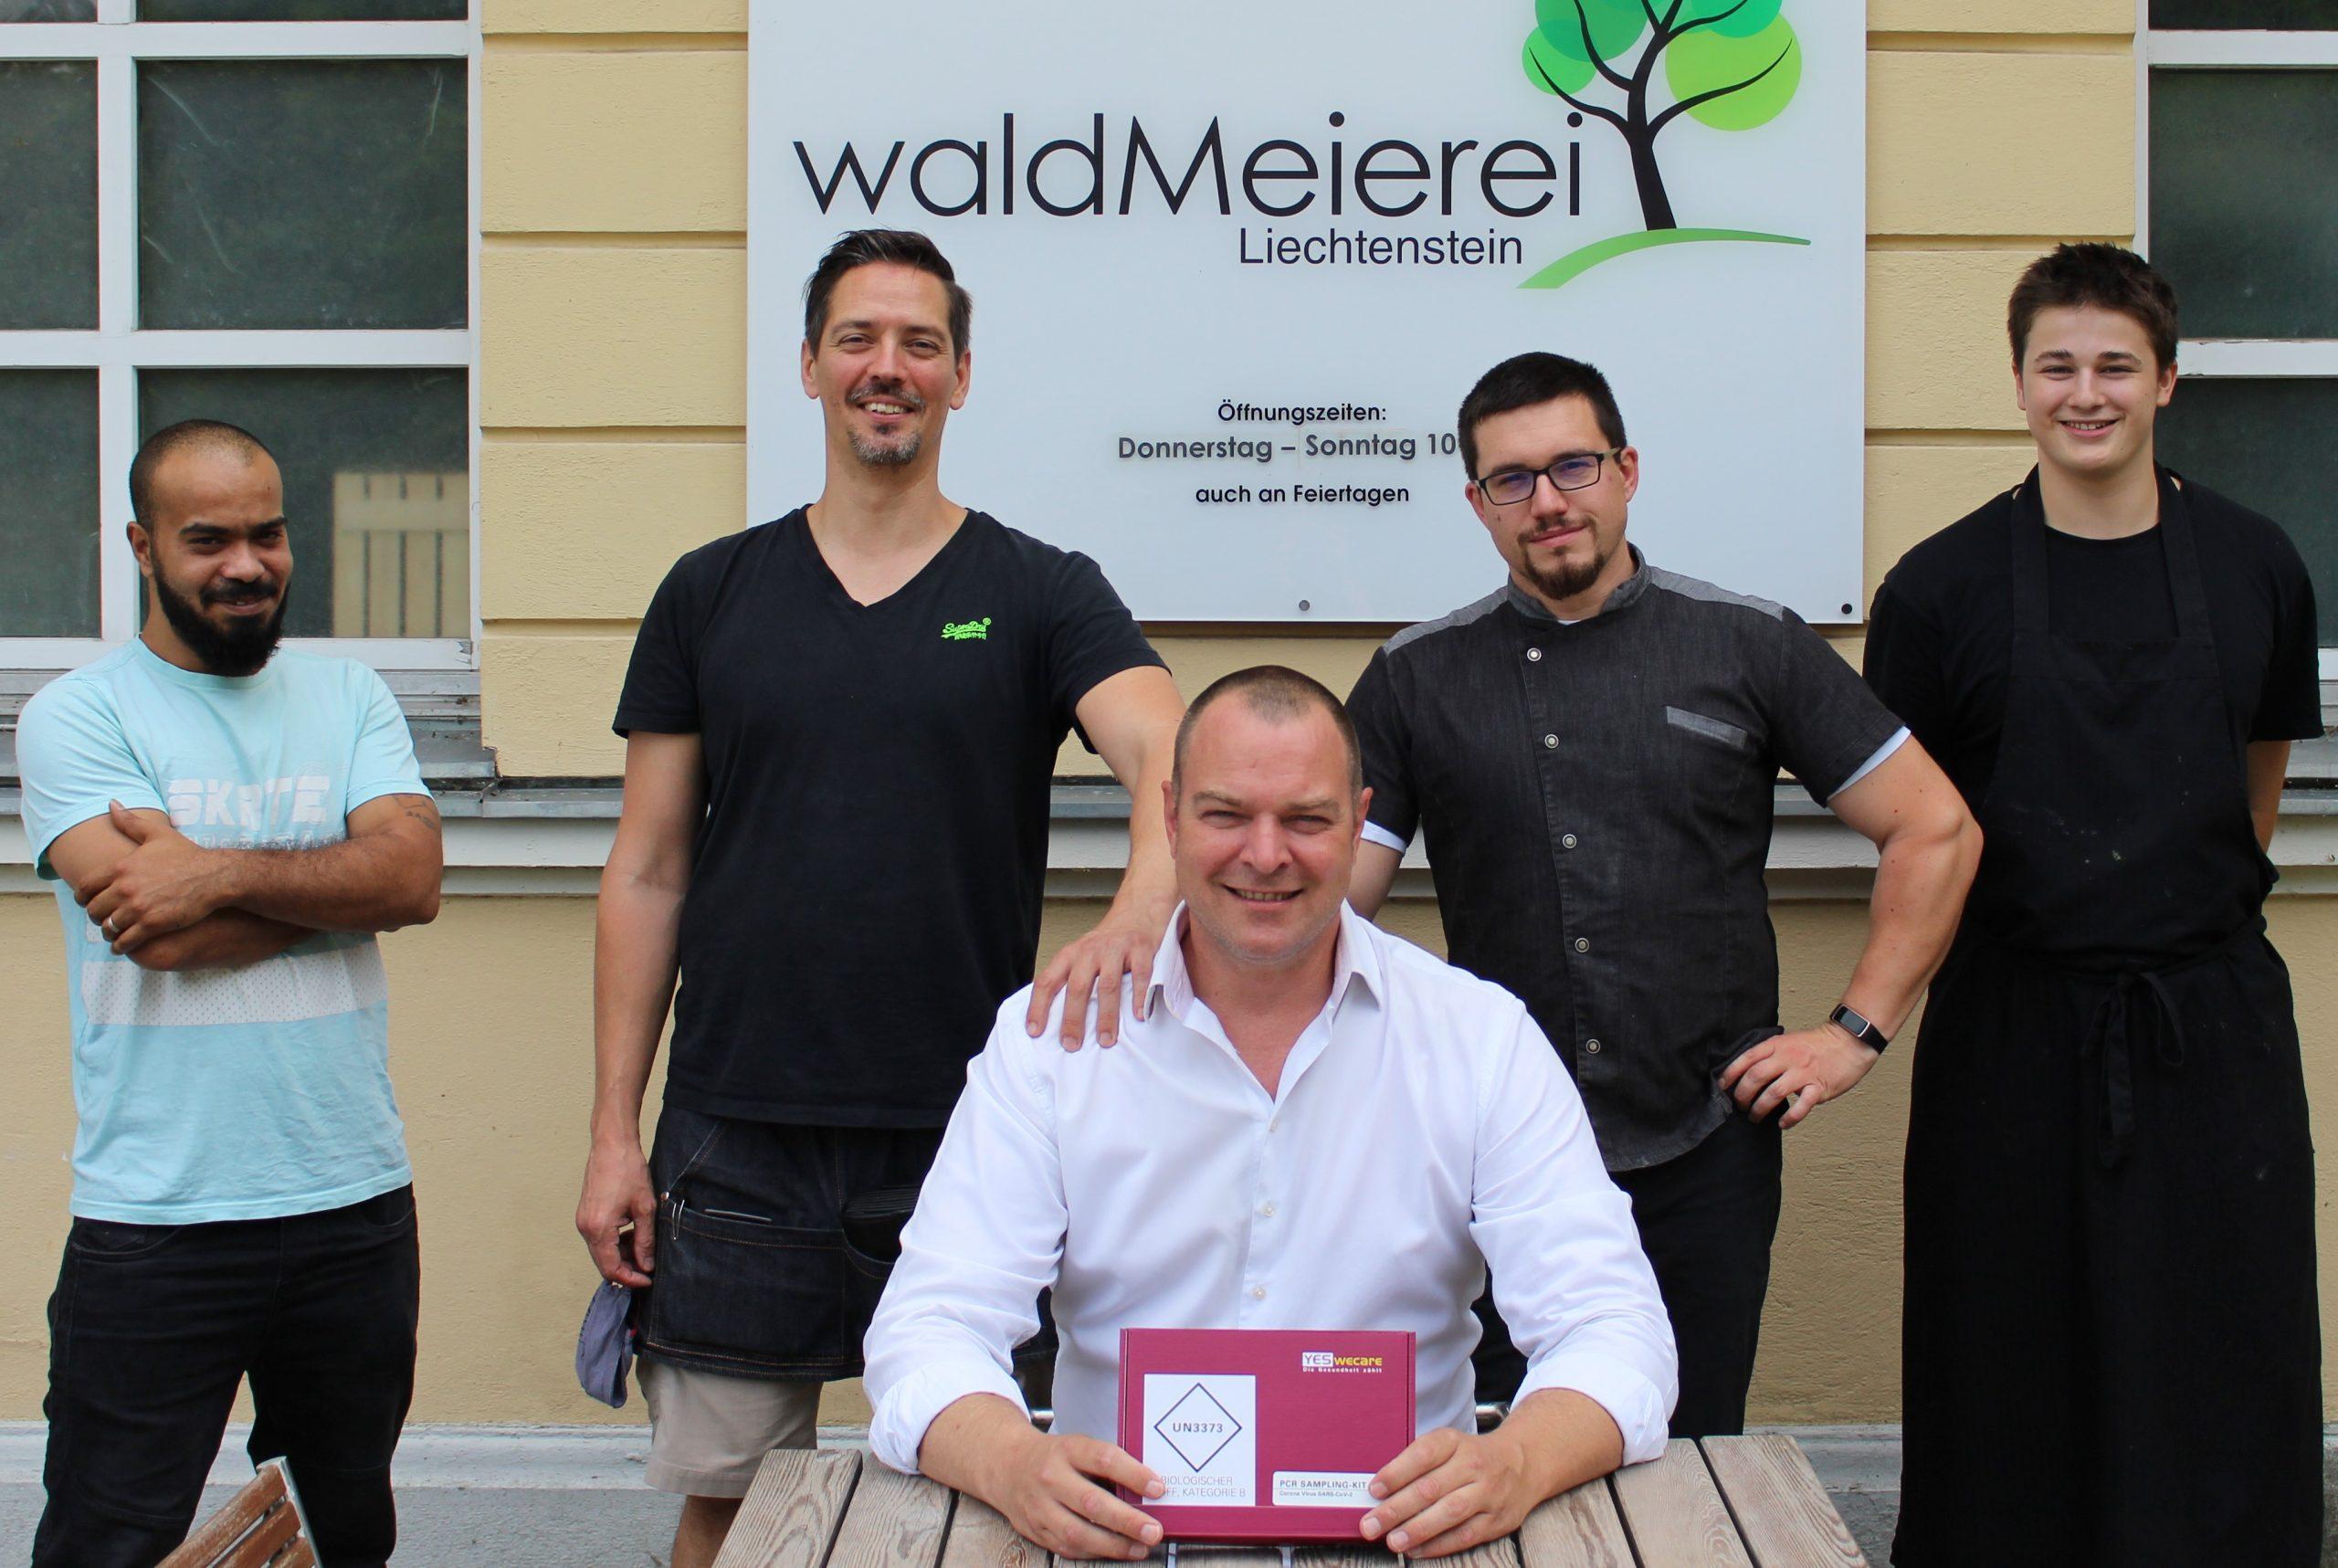 Team Waldmeierei